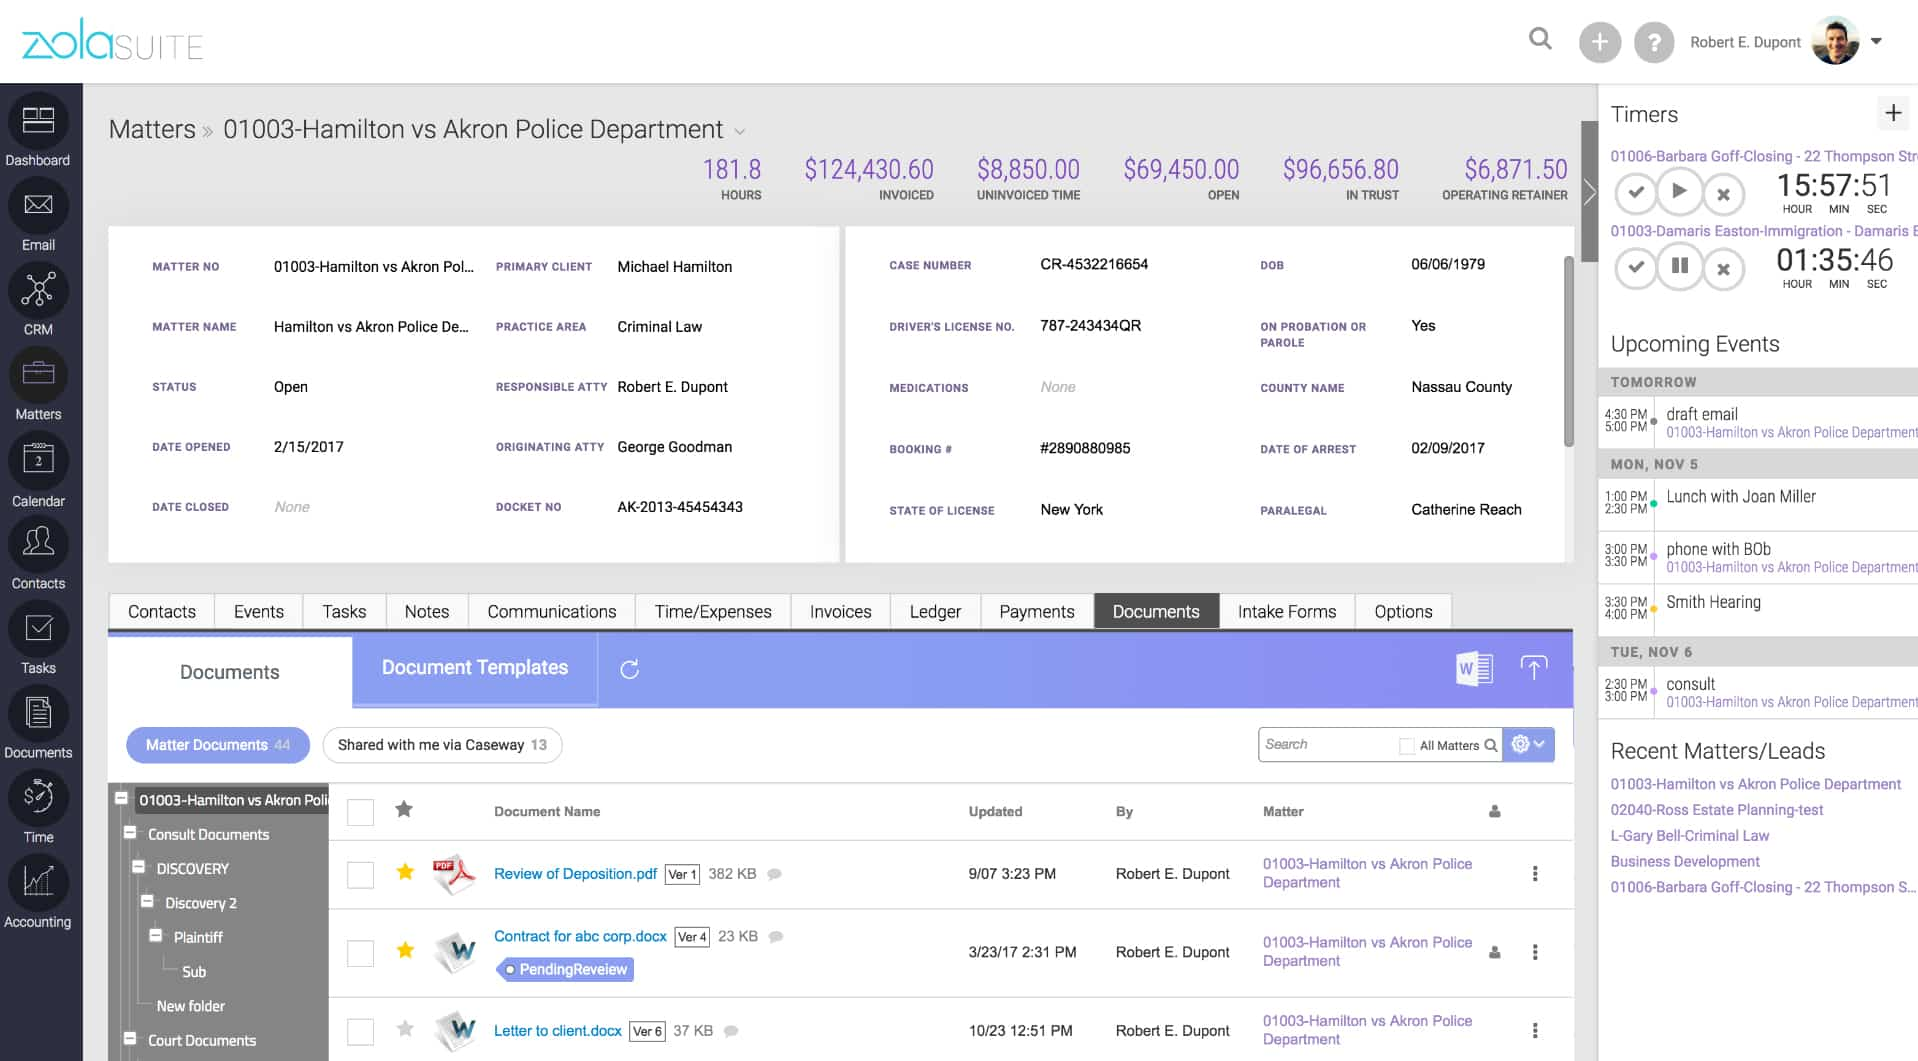 Screenshot of Zola Suite Matter Management Module